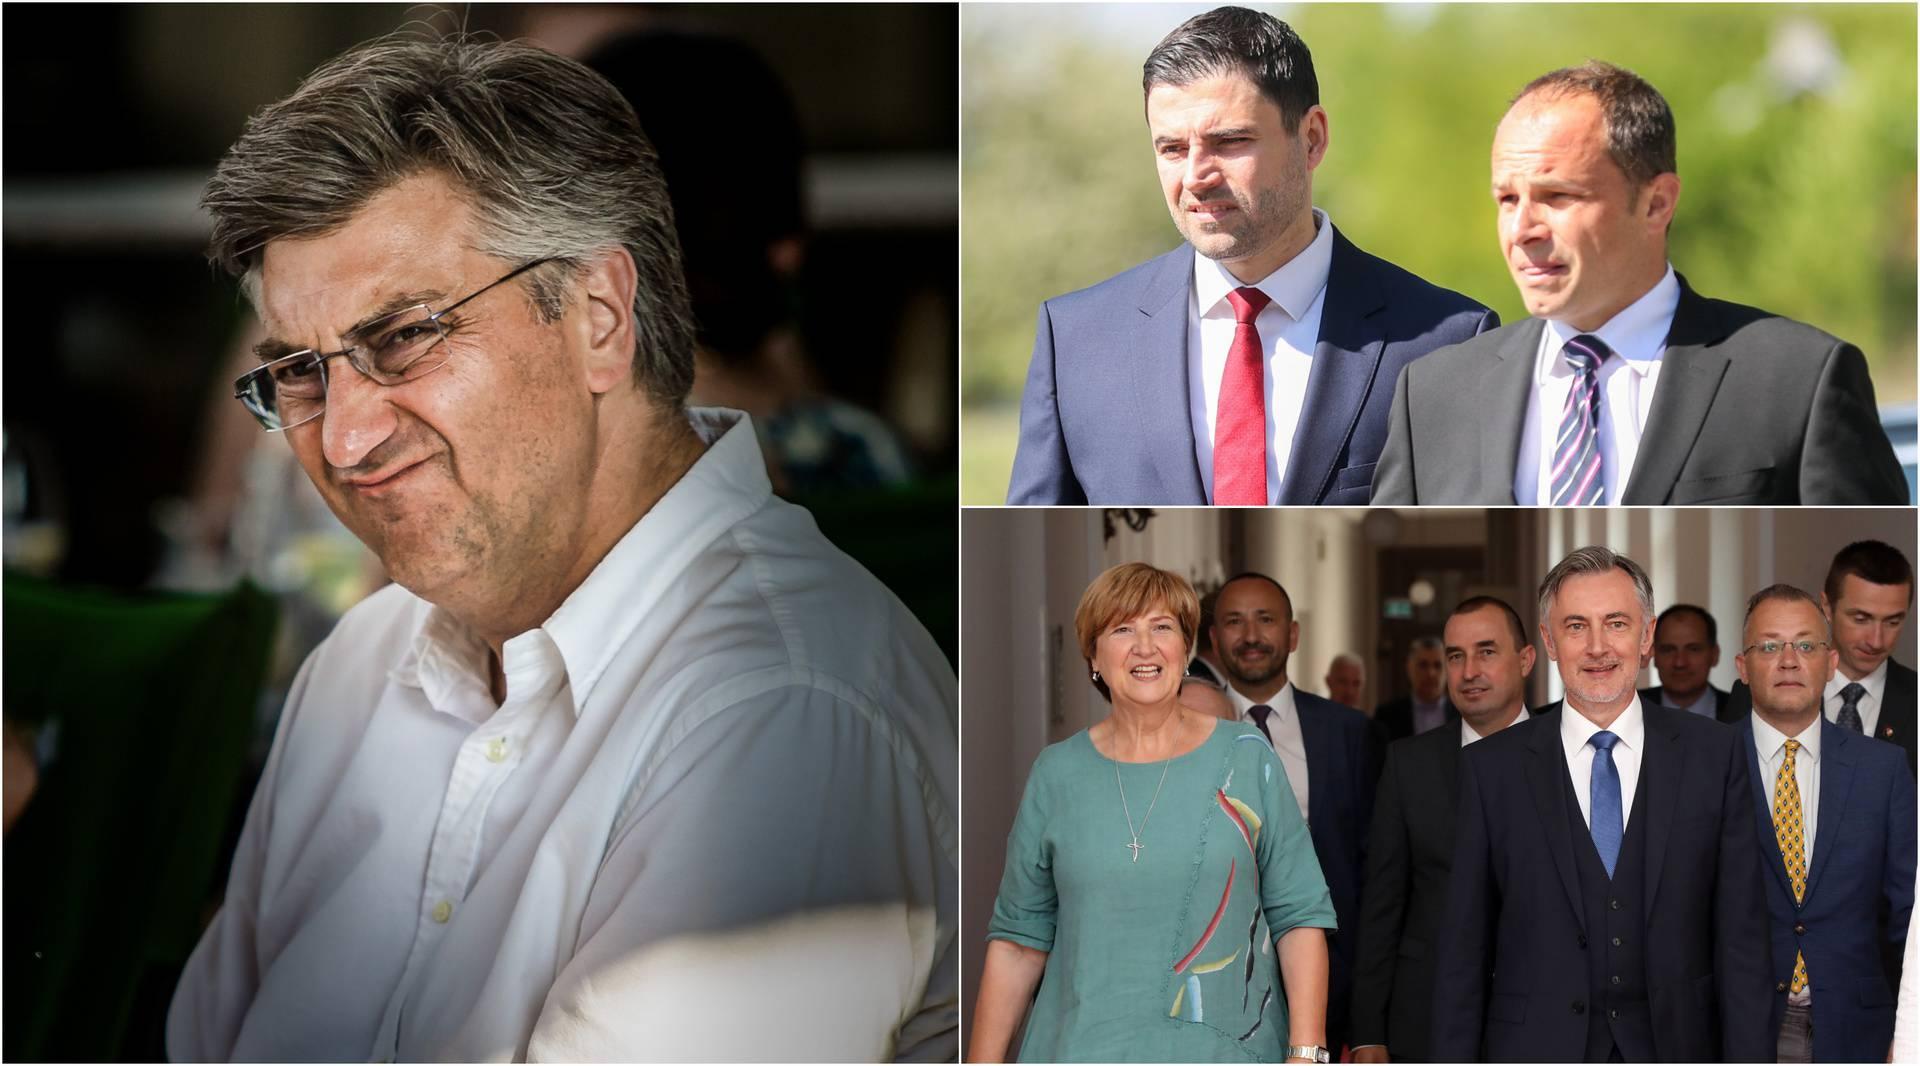 Restart koalicija dosad potrošila više od HDZ-a: Plenki, Hajdaš Dončić i Tomašić se 'isprsili'